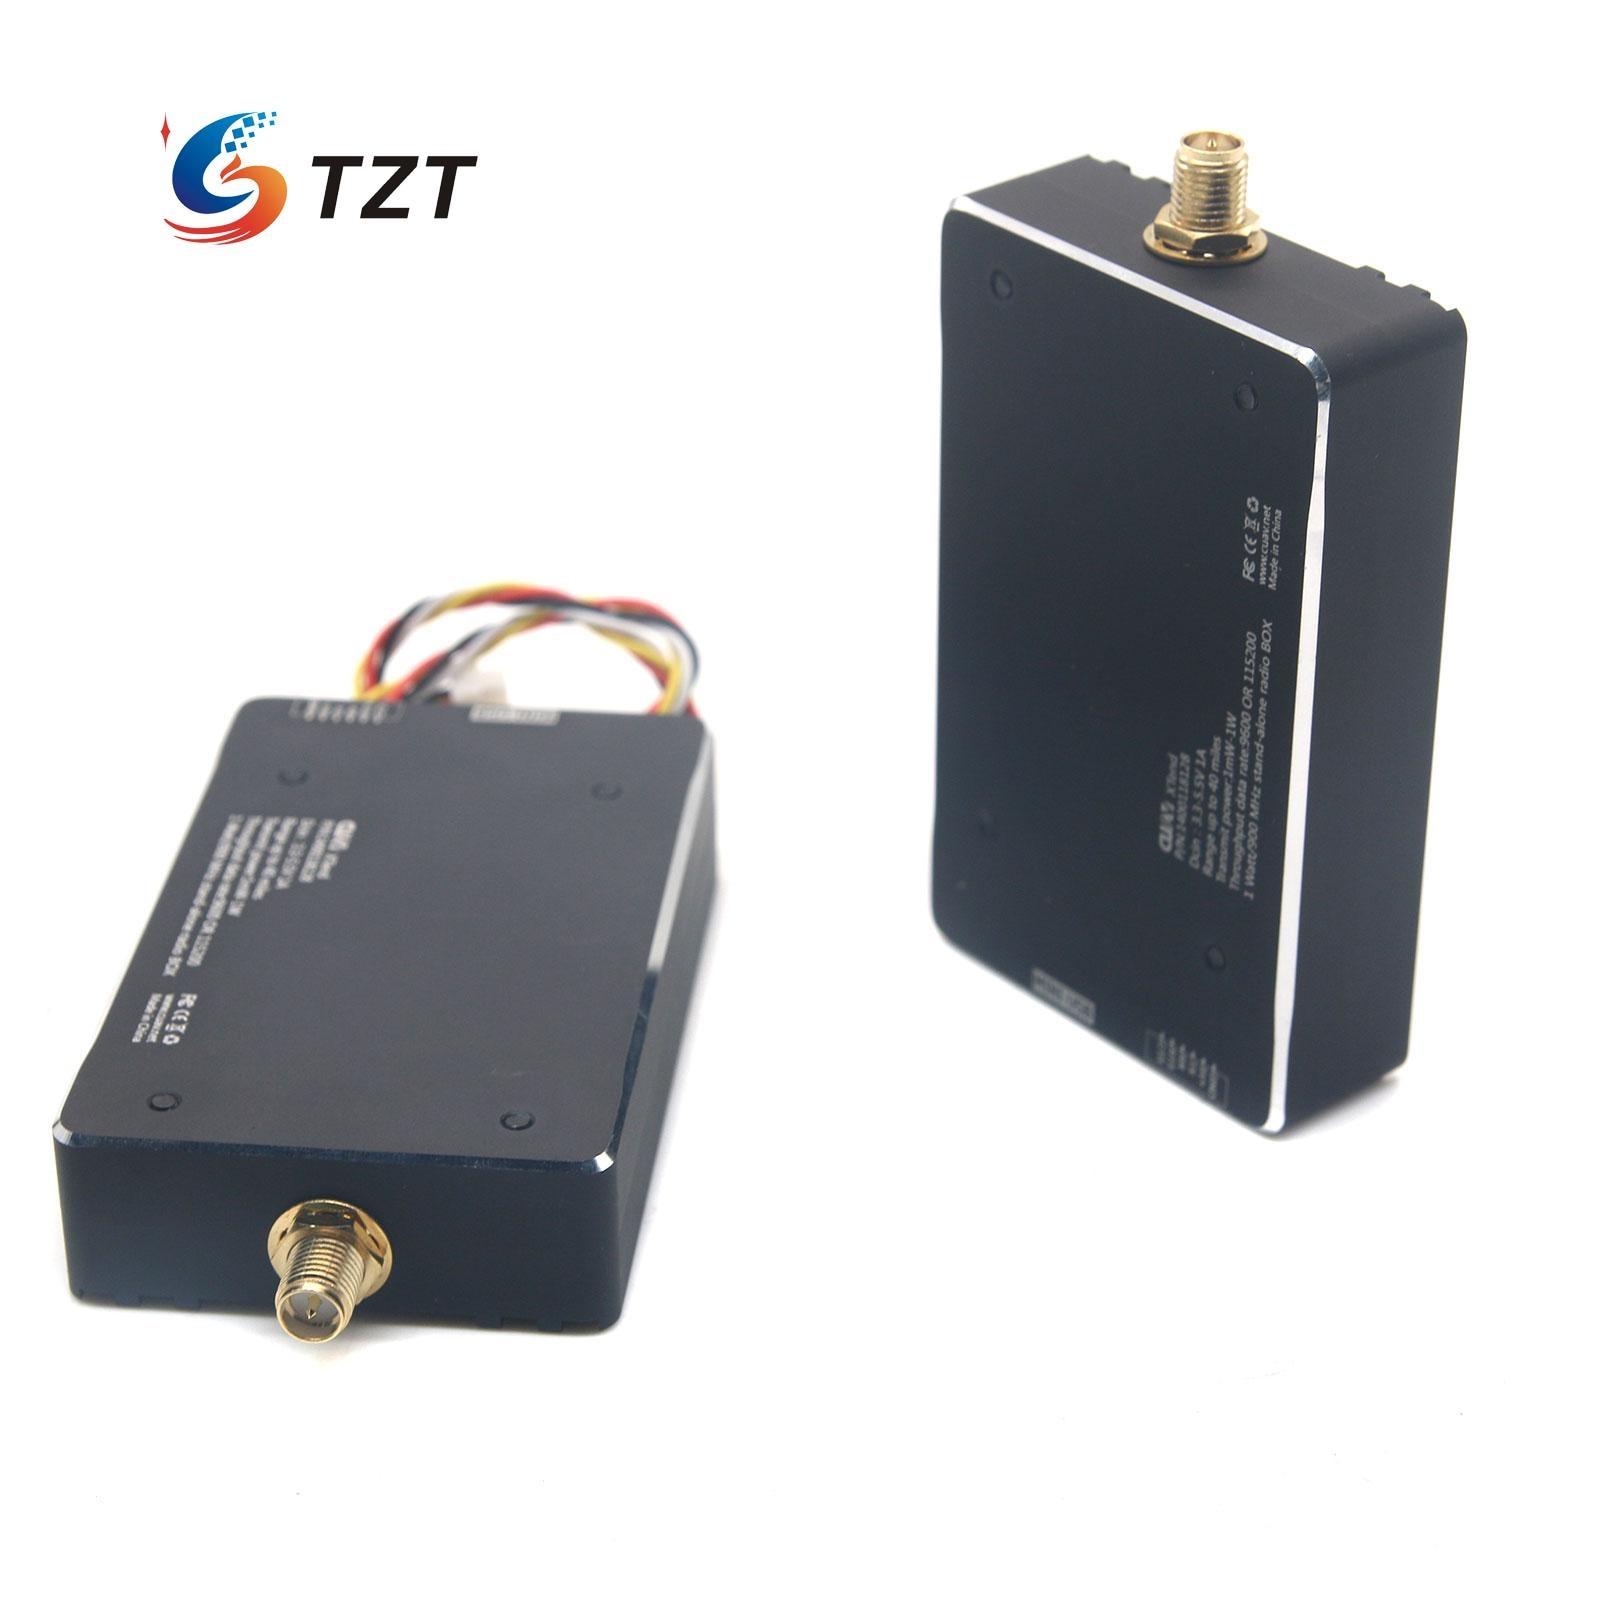 Xtend XTP9B Kit Modulo di Trasmissione Dati Senza Fili RF Box 900 mAh 1 W per APM Pixhawk Pixhack Controllore di Volo